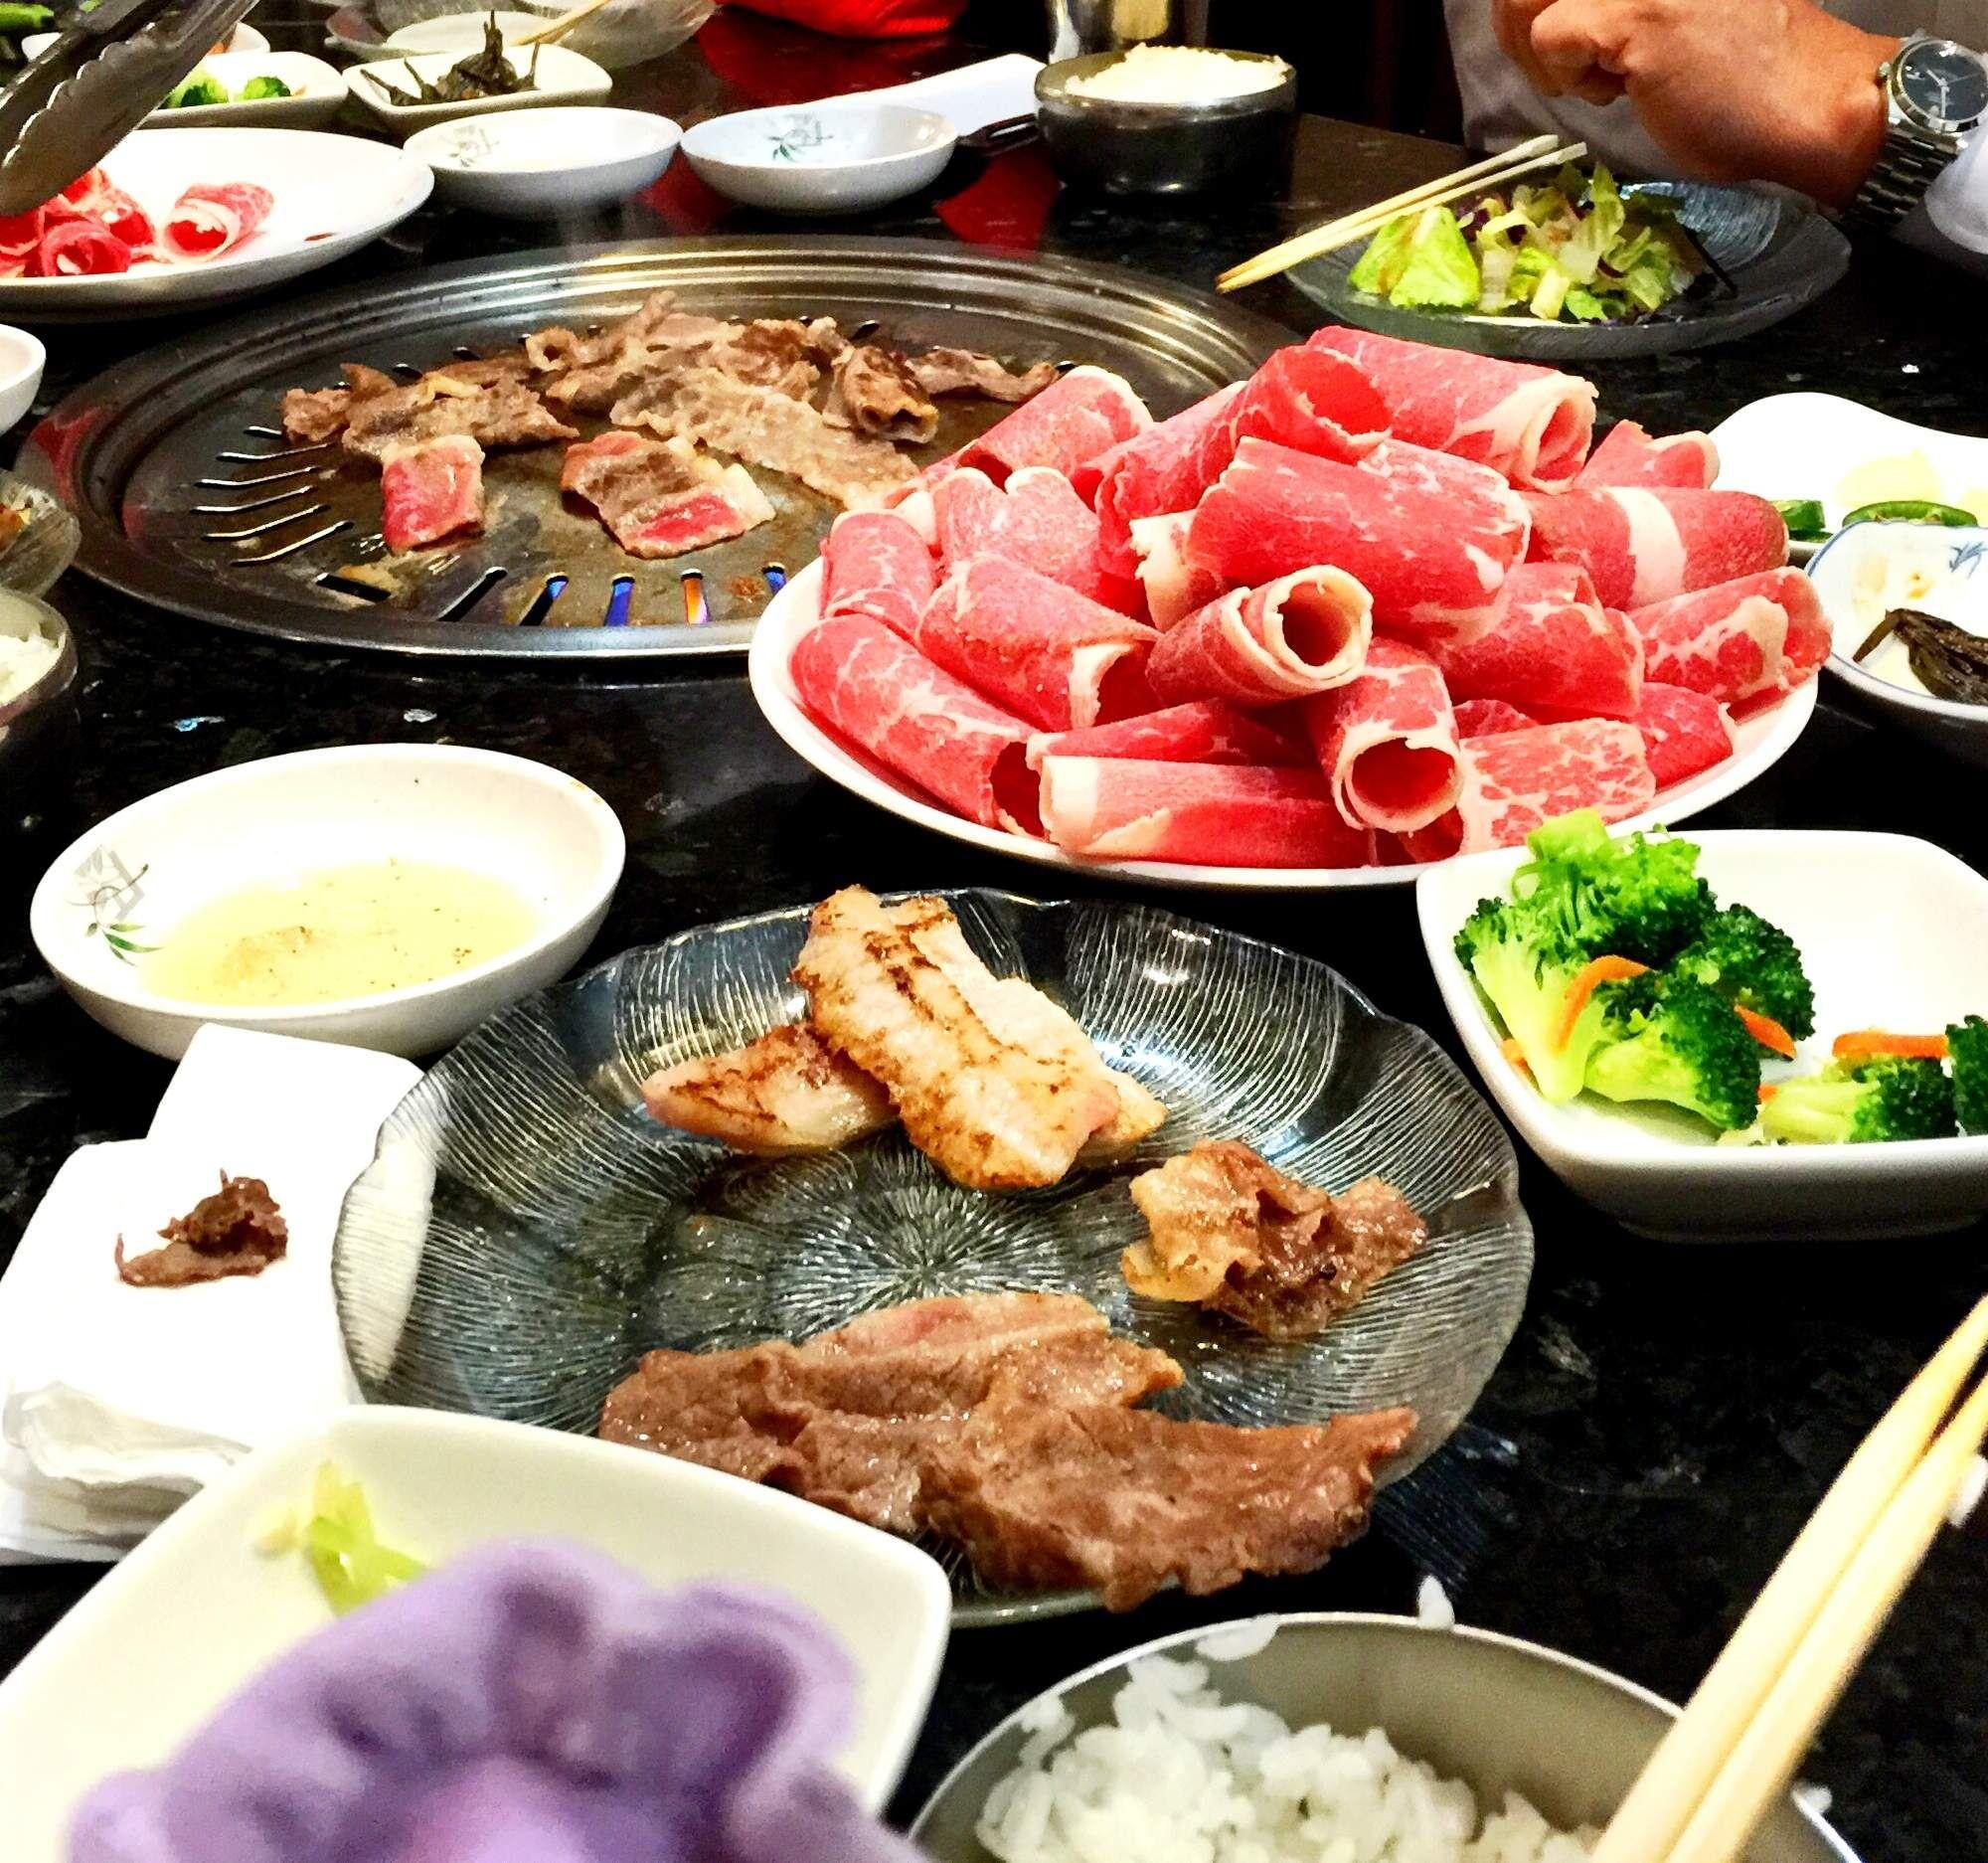 The 10 Best Korean Bbq Restaurants In Bay Area